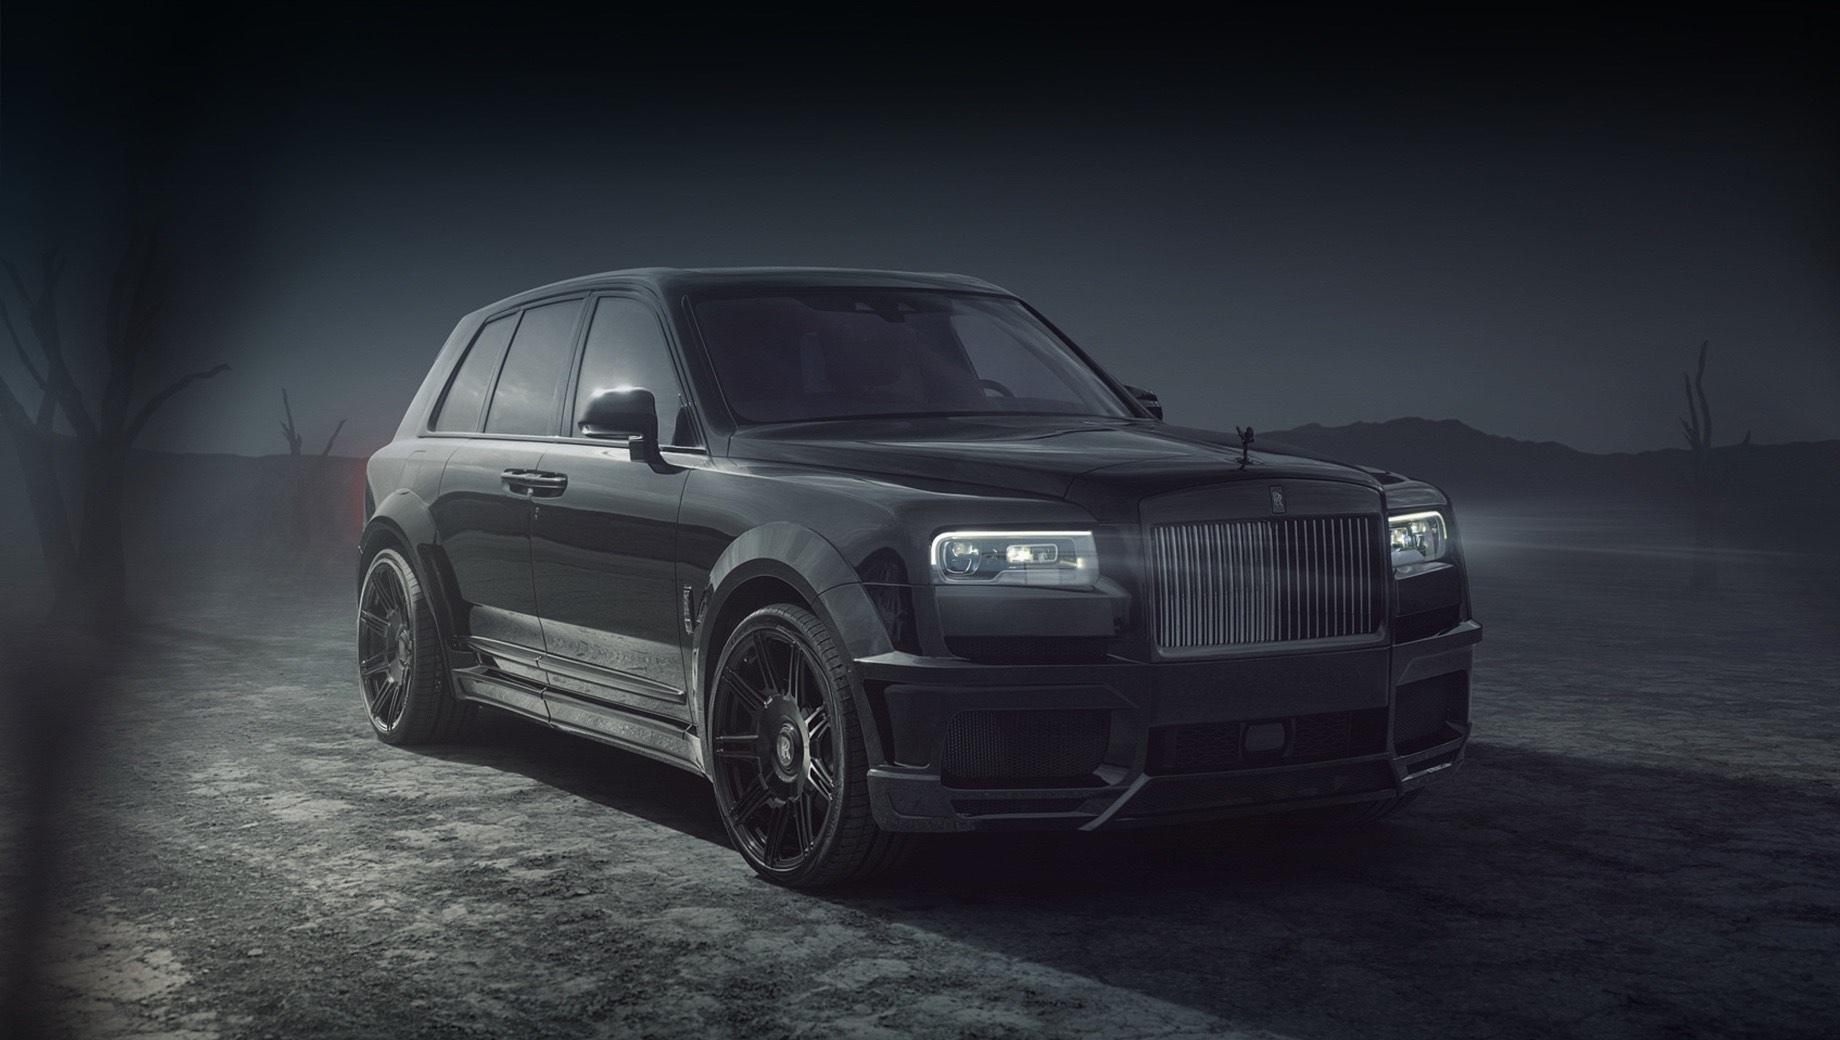 Ателье Spofec добавило прыти кроссоверу Rolls-Royce Cullinan